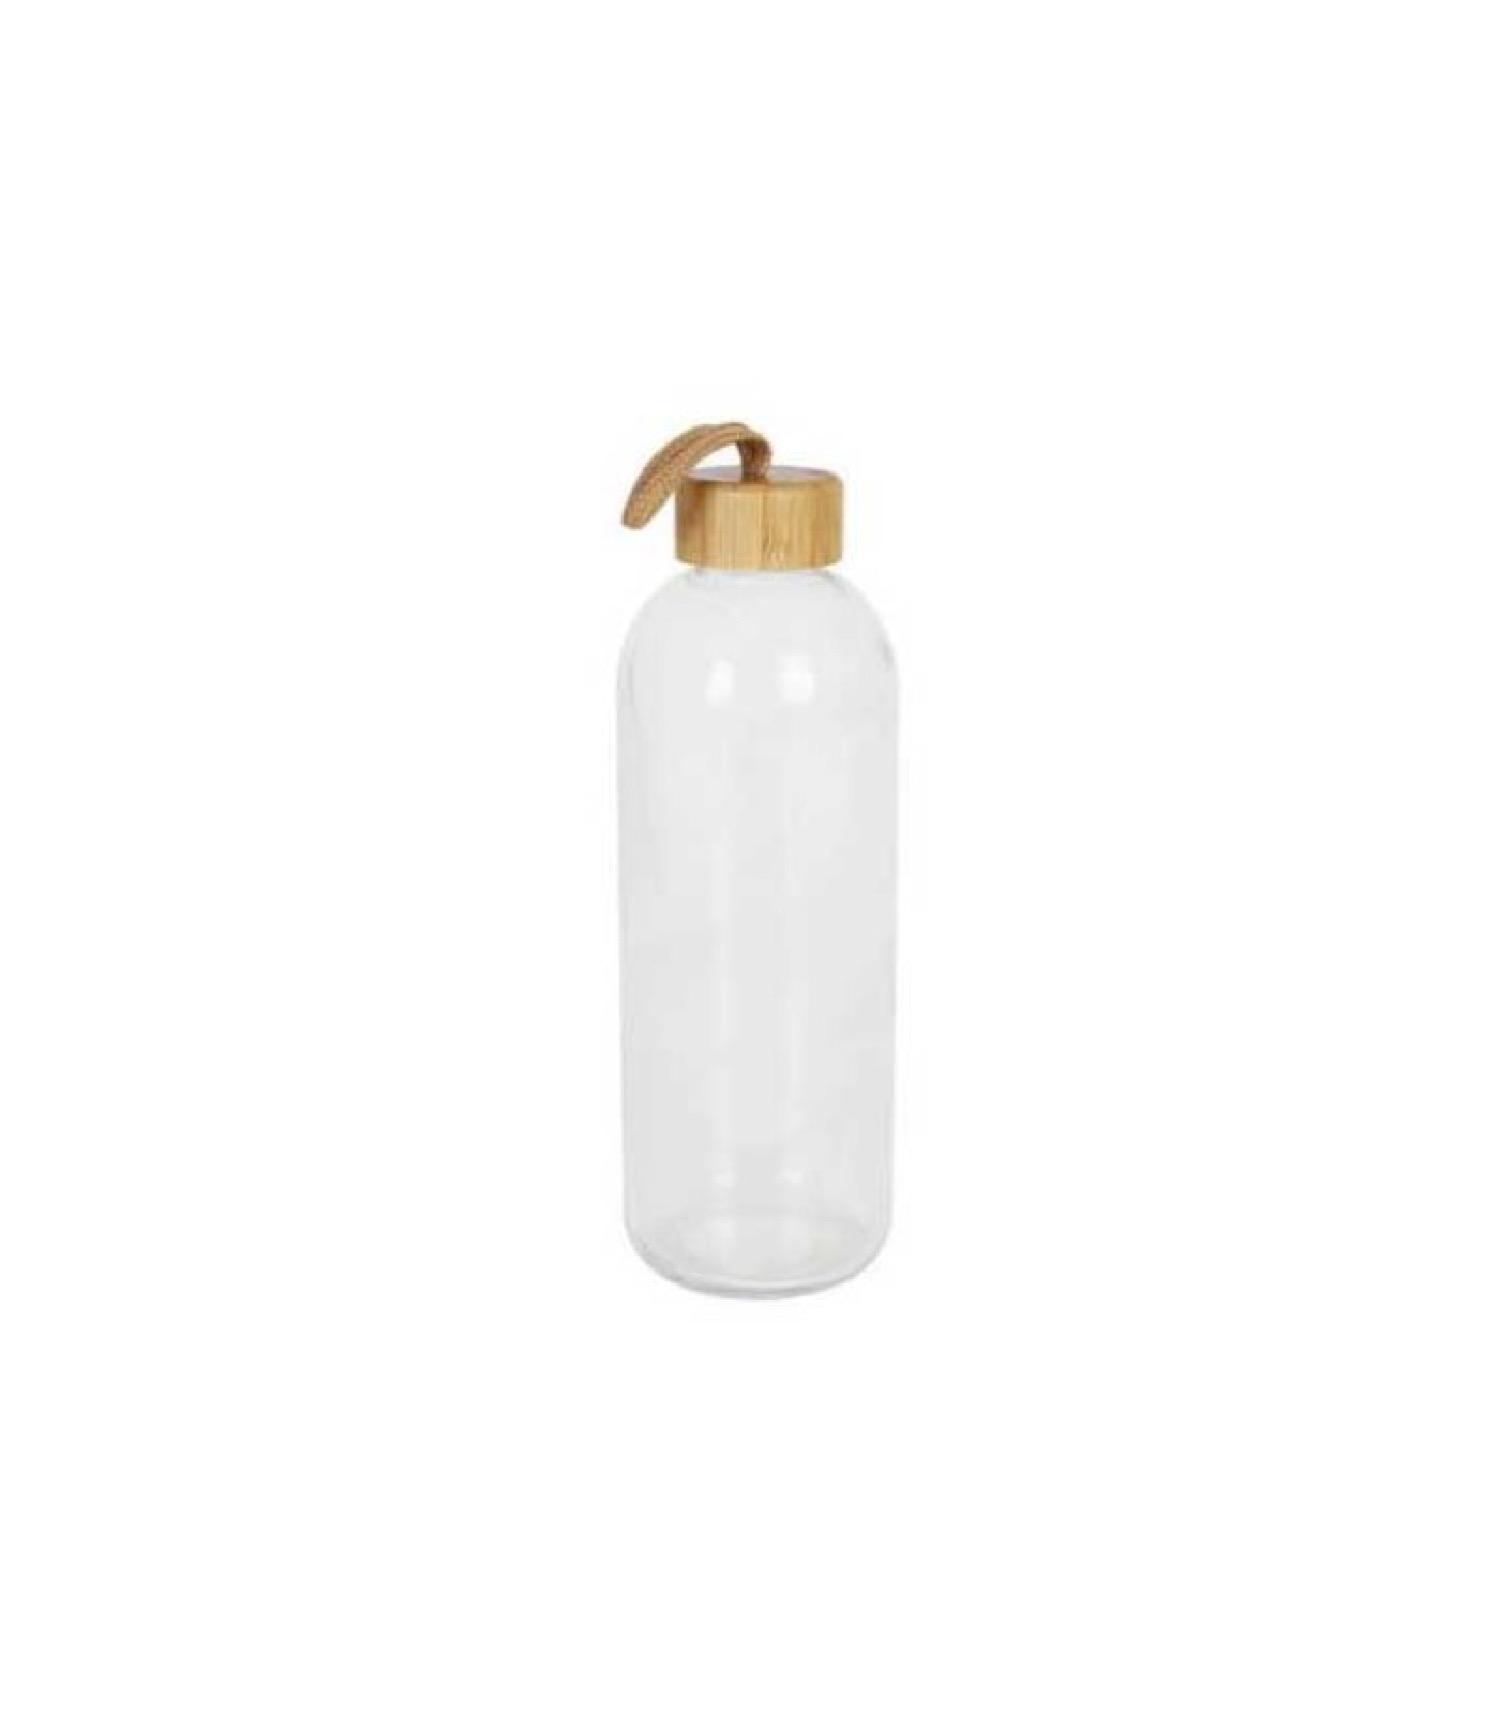 Bouteille d'eau en verre réutilisable bouchon bambou 1L